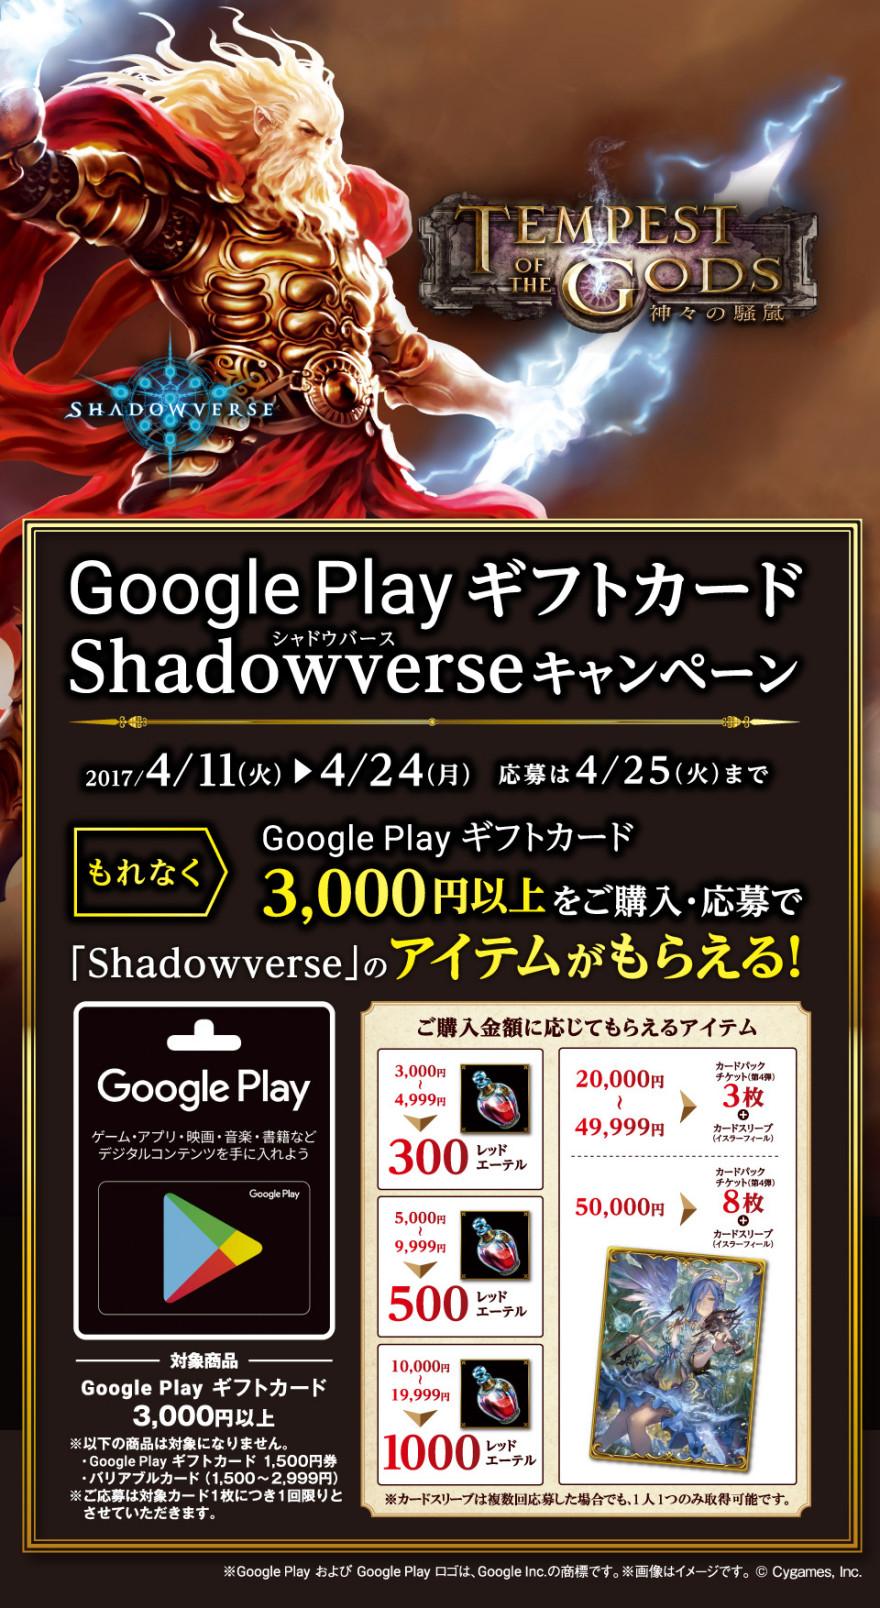 Google Play ギフトカード シャドウバースキャンペーン!お知らせ